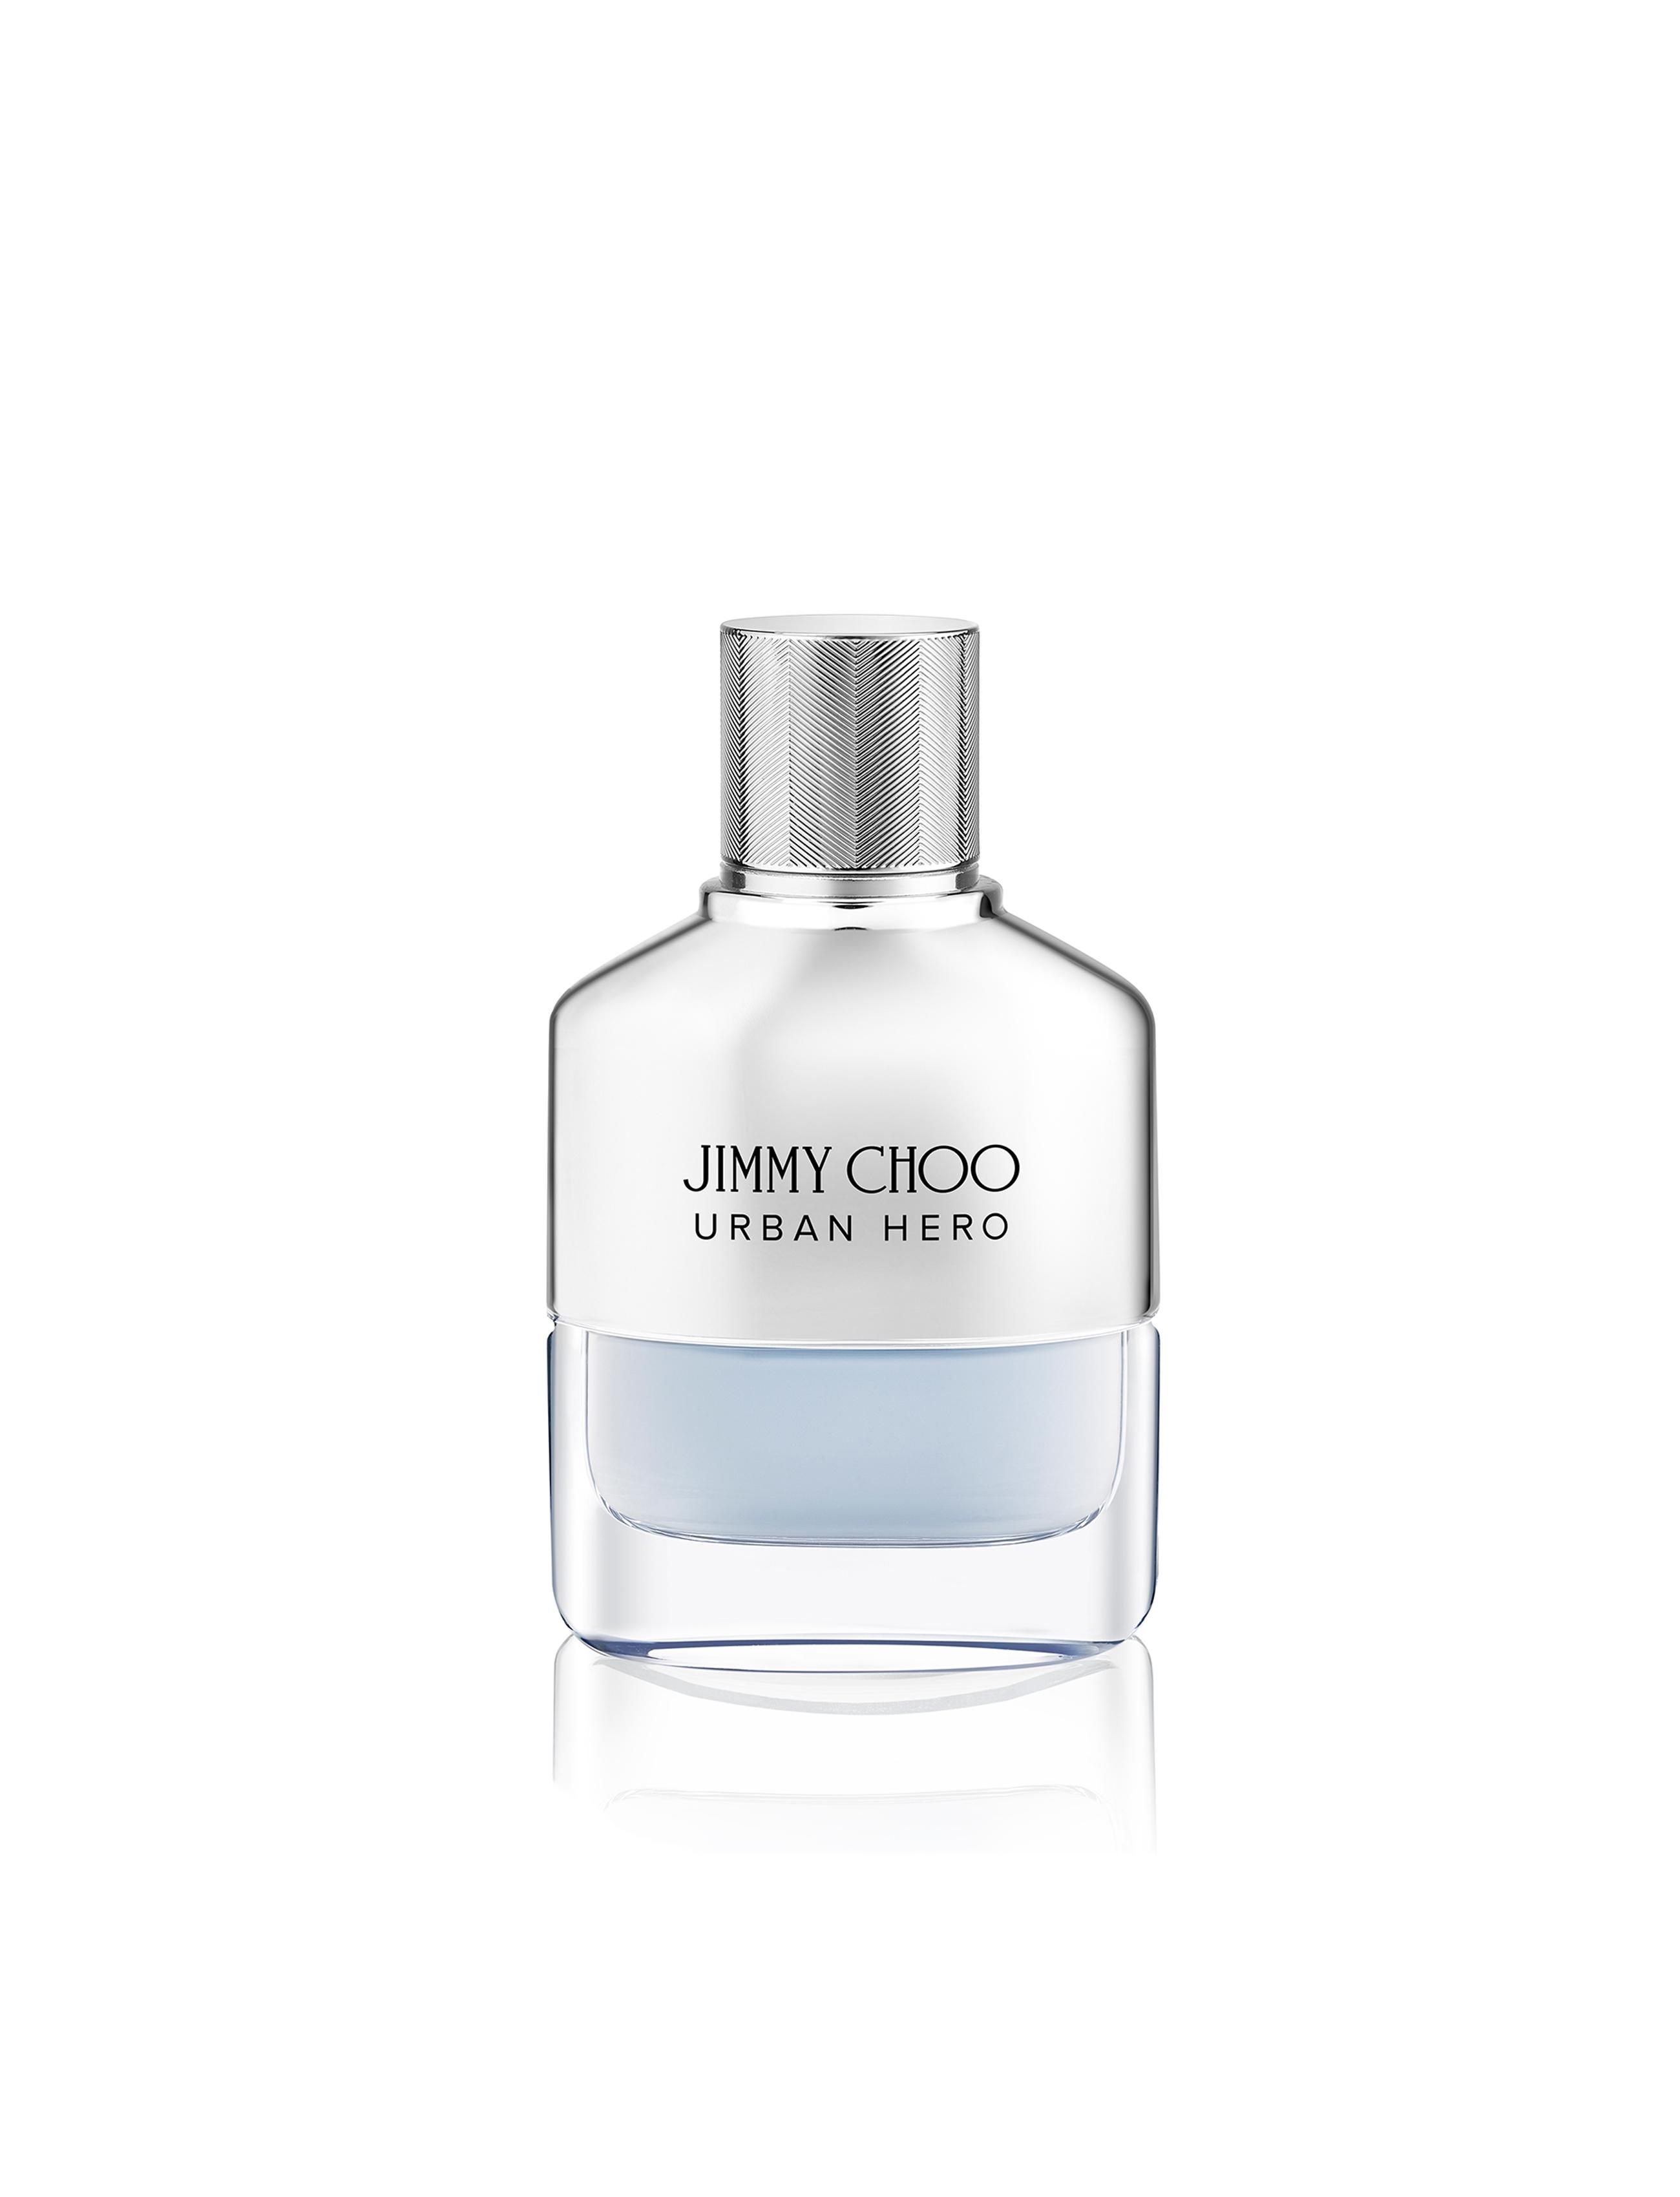 Jimmy Choo Urban Hero EDP, 50 ml